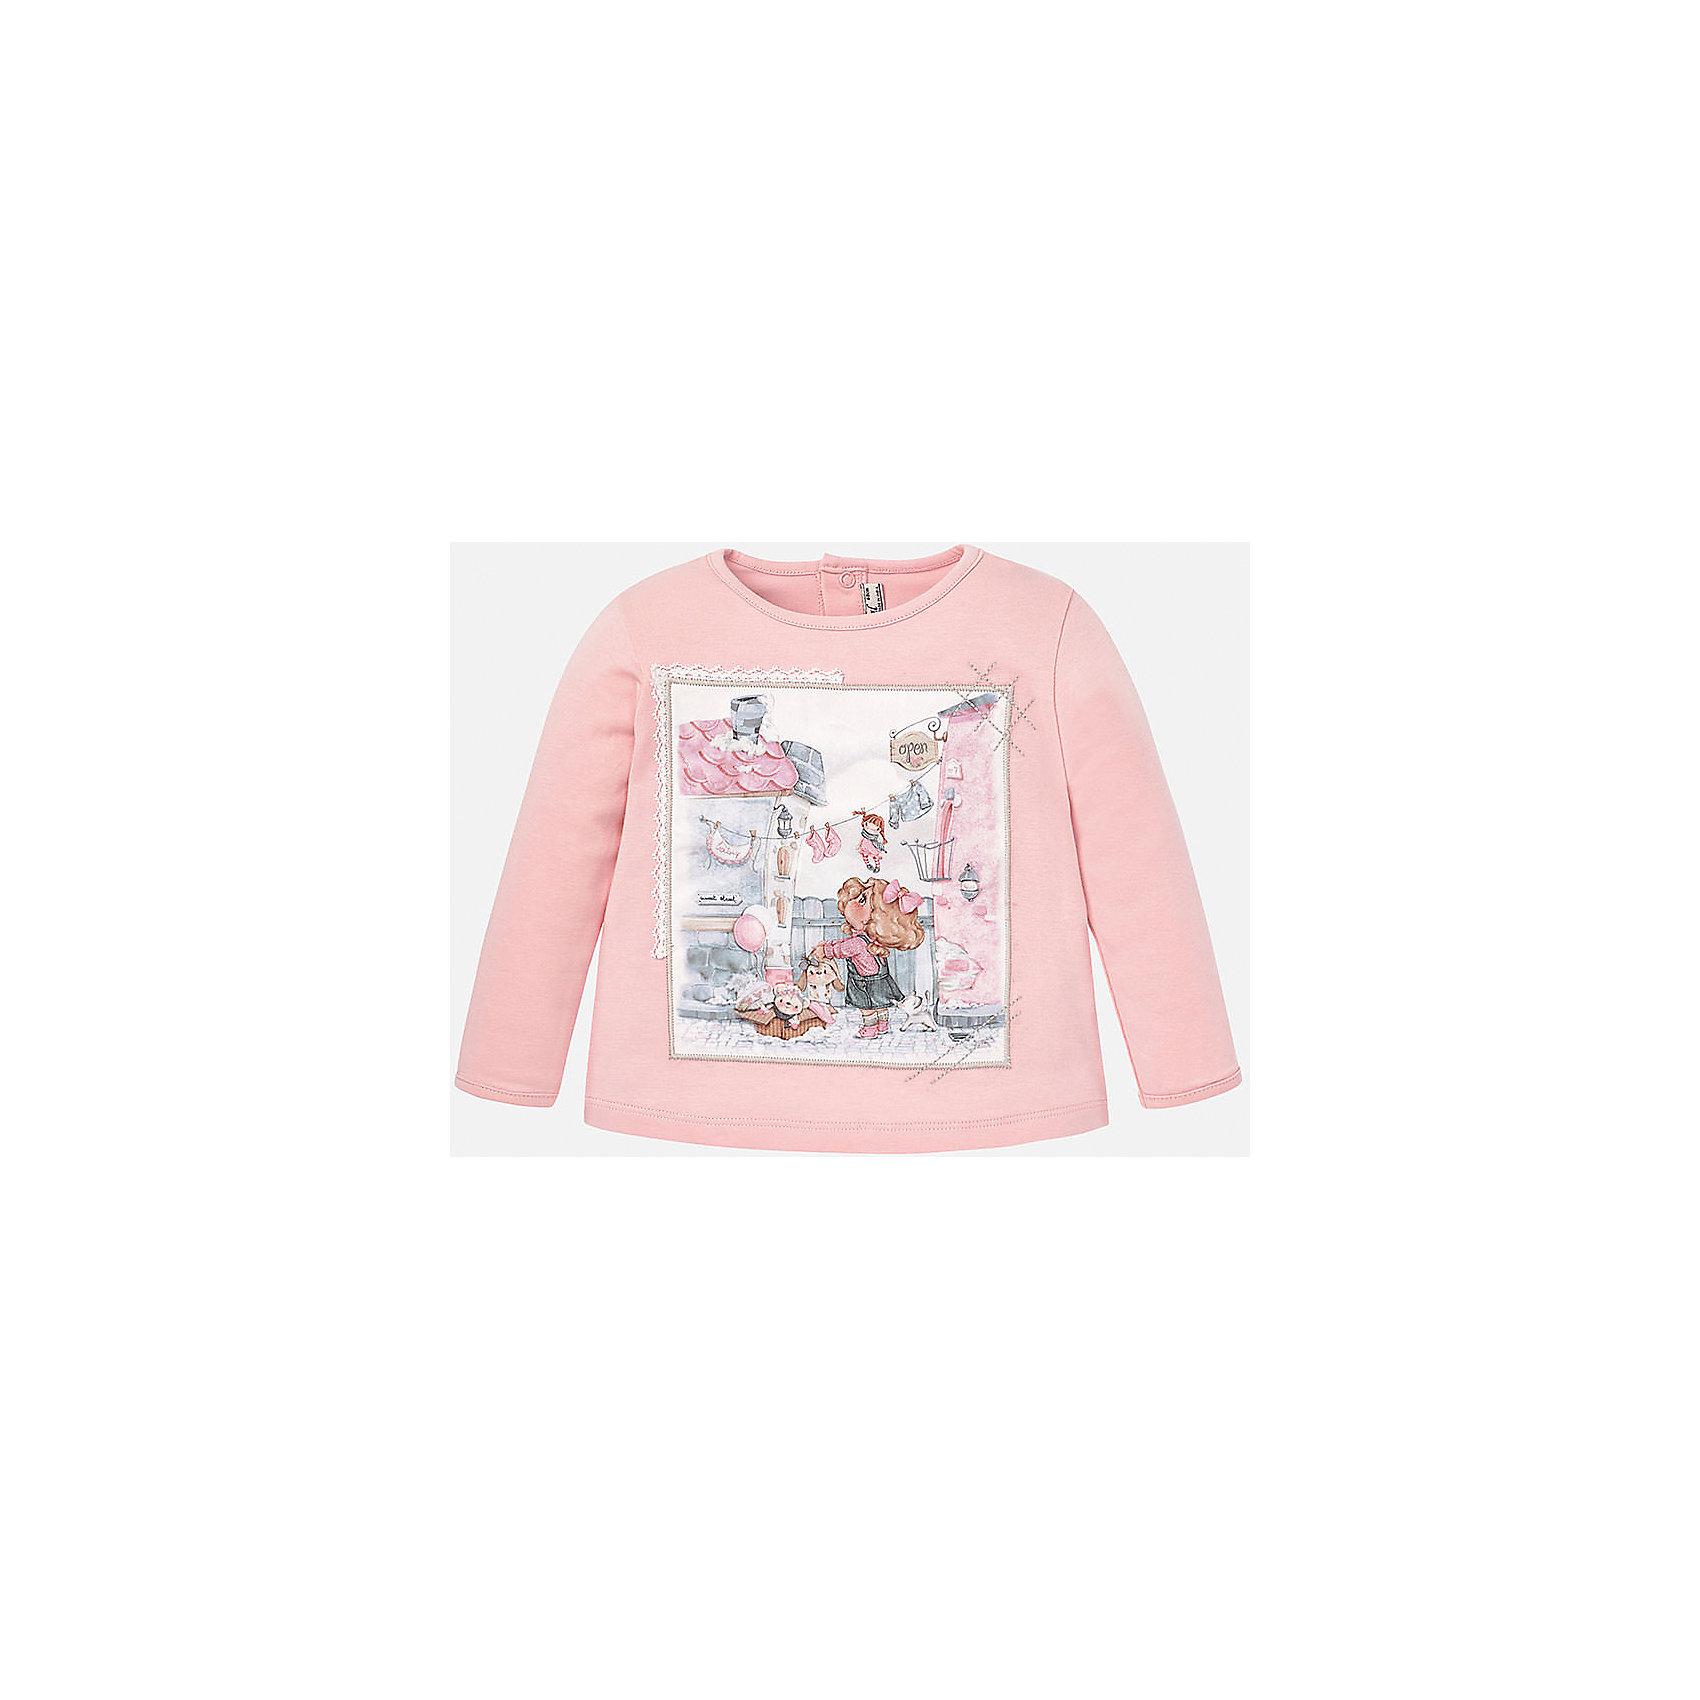 Футболка для девочки MayoralФутболка для девочки от известного испанского бренда Mayoral (Майорал). Эта модная и удобная футболка с длинным рукавом сочетает в себе стиль и простоту. Приятный кремовый розовый цвет и нежный фото-принт с девочкой придут по вкусу вашей моднице. У футболки свободный крой, слегка расширяющийся к низу. Футболка застегивается сзади на две кнопочки. Отличное пополнение для сезона осень-зима. К этой футболке подойдут как классические юбки и брюки, так и джинсы или штаны спортивного кроя. <br><br>Дополнительная информация:<br><br>- Силуэт: расширяющийся к низу<br>- Рукав: укороченный<br>- Длина: средняя<br><br>Состав: 92% хлопок, 8% эластан<br><br>Футболку для девочки Mayoral (Майорал) можно купить в нашем интернет-магазине.<br><br>Подробнее:<br>• Для детей в возрасте: от 4 до 9 лет<br>• Номер товара: 4846014<br>Страна производитель: Индия<br><br>Ширина мм: 199<br>Глубина мм: 10<br>Высота мм: 161<br>Вес г: 151<br>Цвет: фиолетовый<br>Возраст от месяцев: 6<br>Возраст до месяцев: 9<br>Пол: Женский<br>Возраст: Детский<br>Размер: 74,92,80,86<br>SKU: 4846014